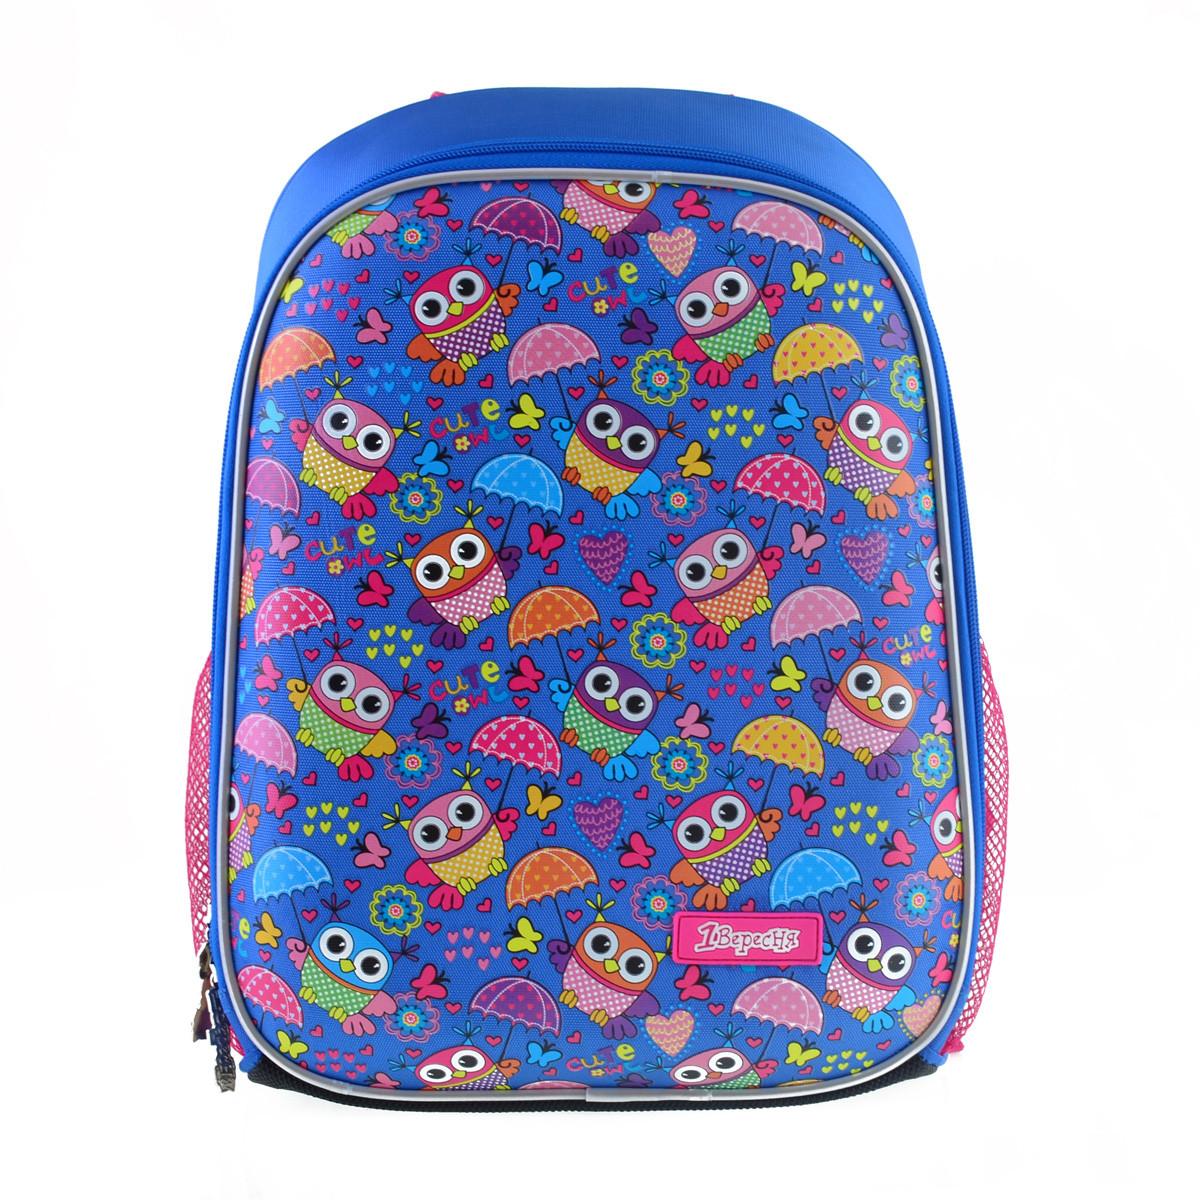 557710 Красивый каркасный школьный рюкзак 1 Вересня H-27 Owl party 25*36*13